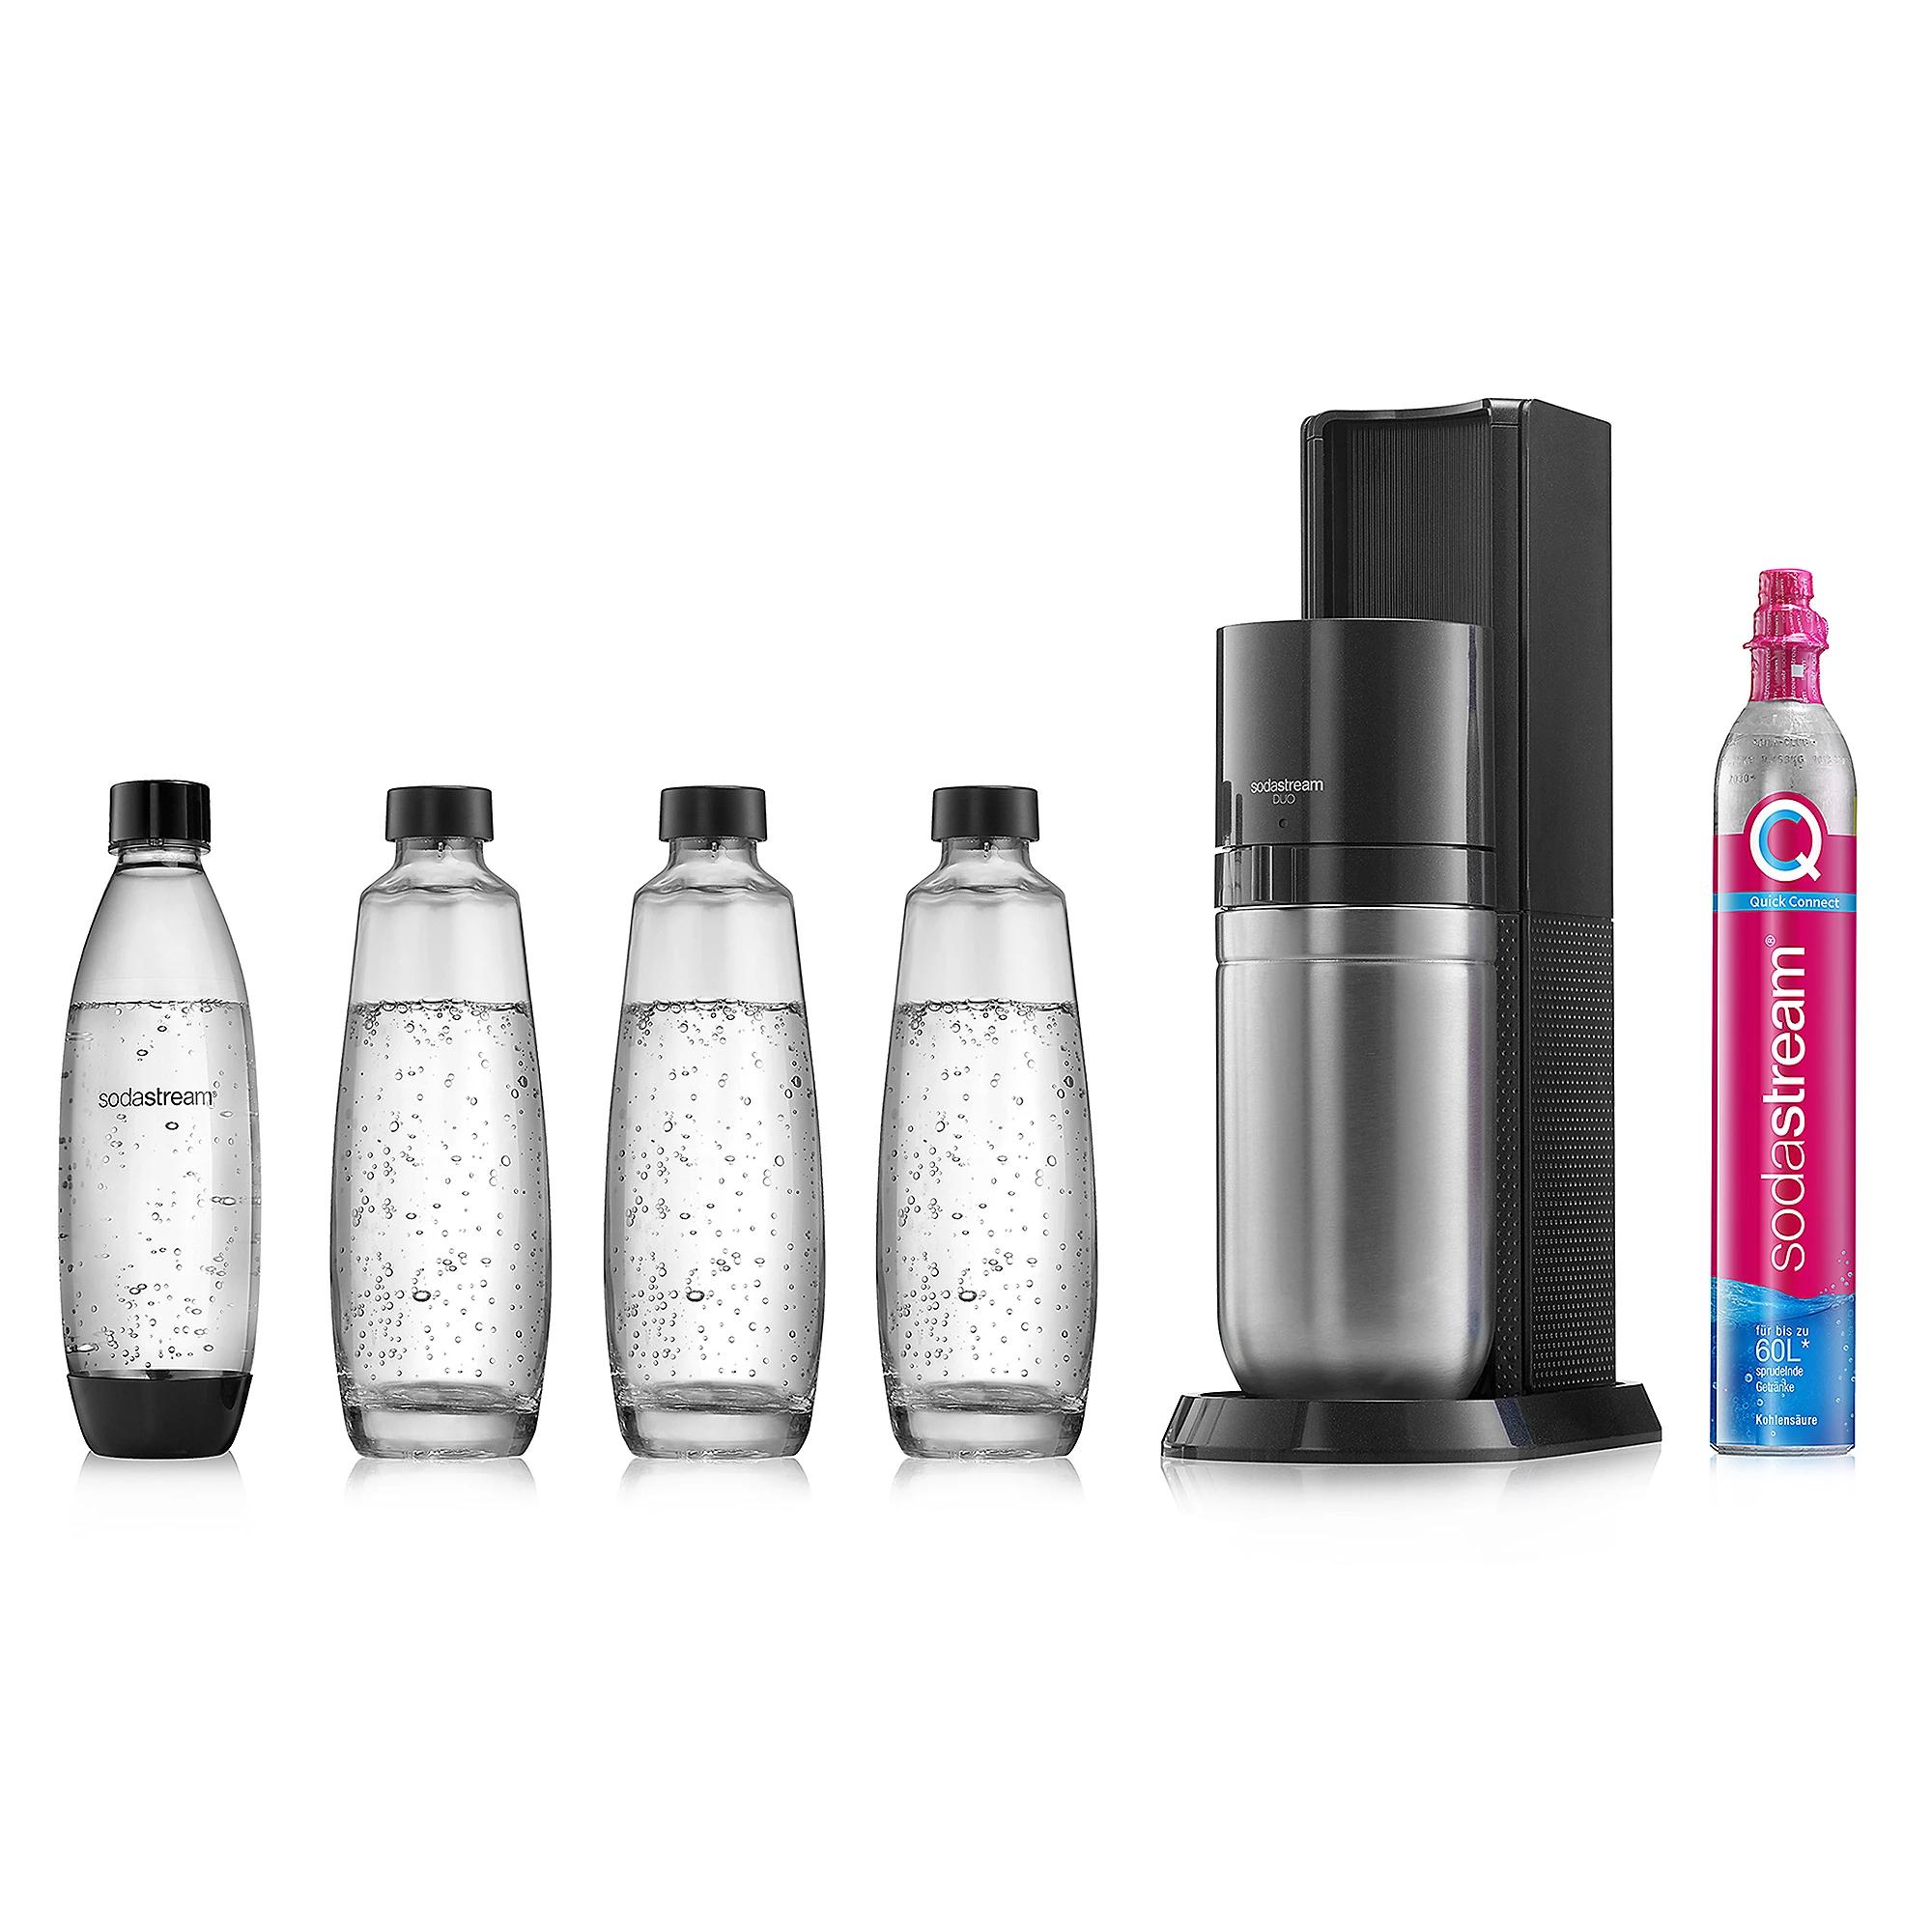 Sodastream Duo mit 3 Glas- und 1 Plastikflaschen